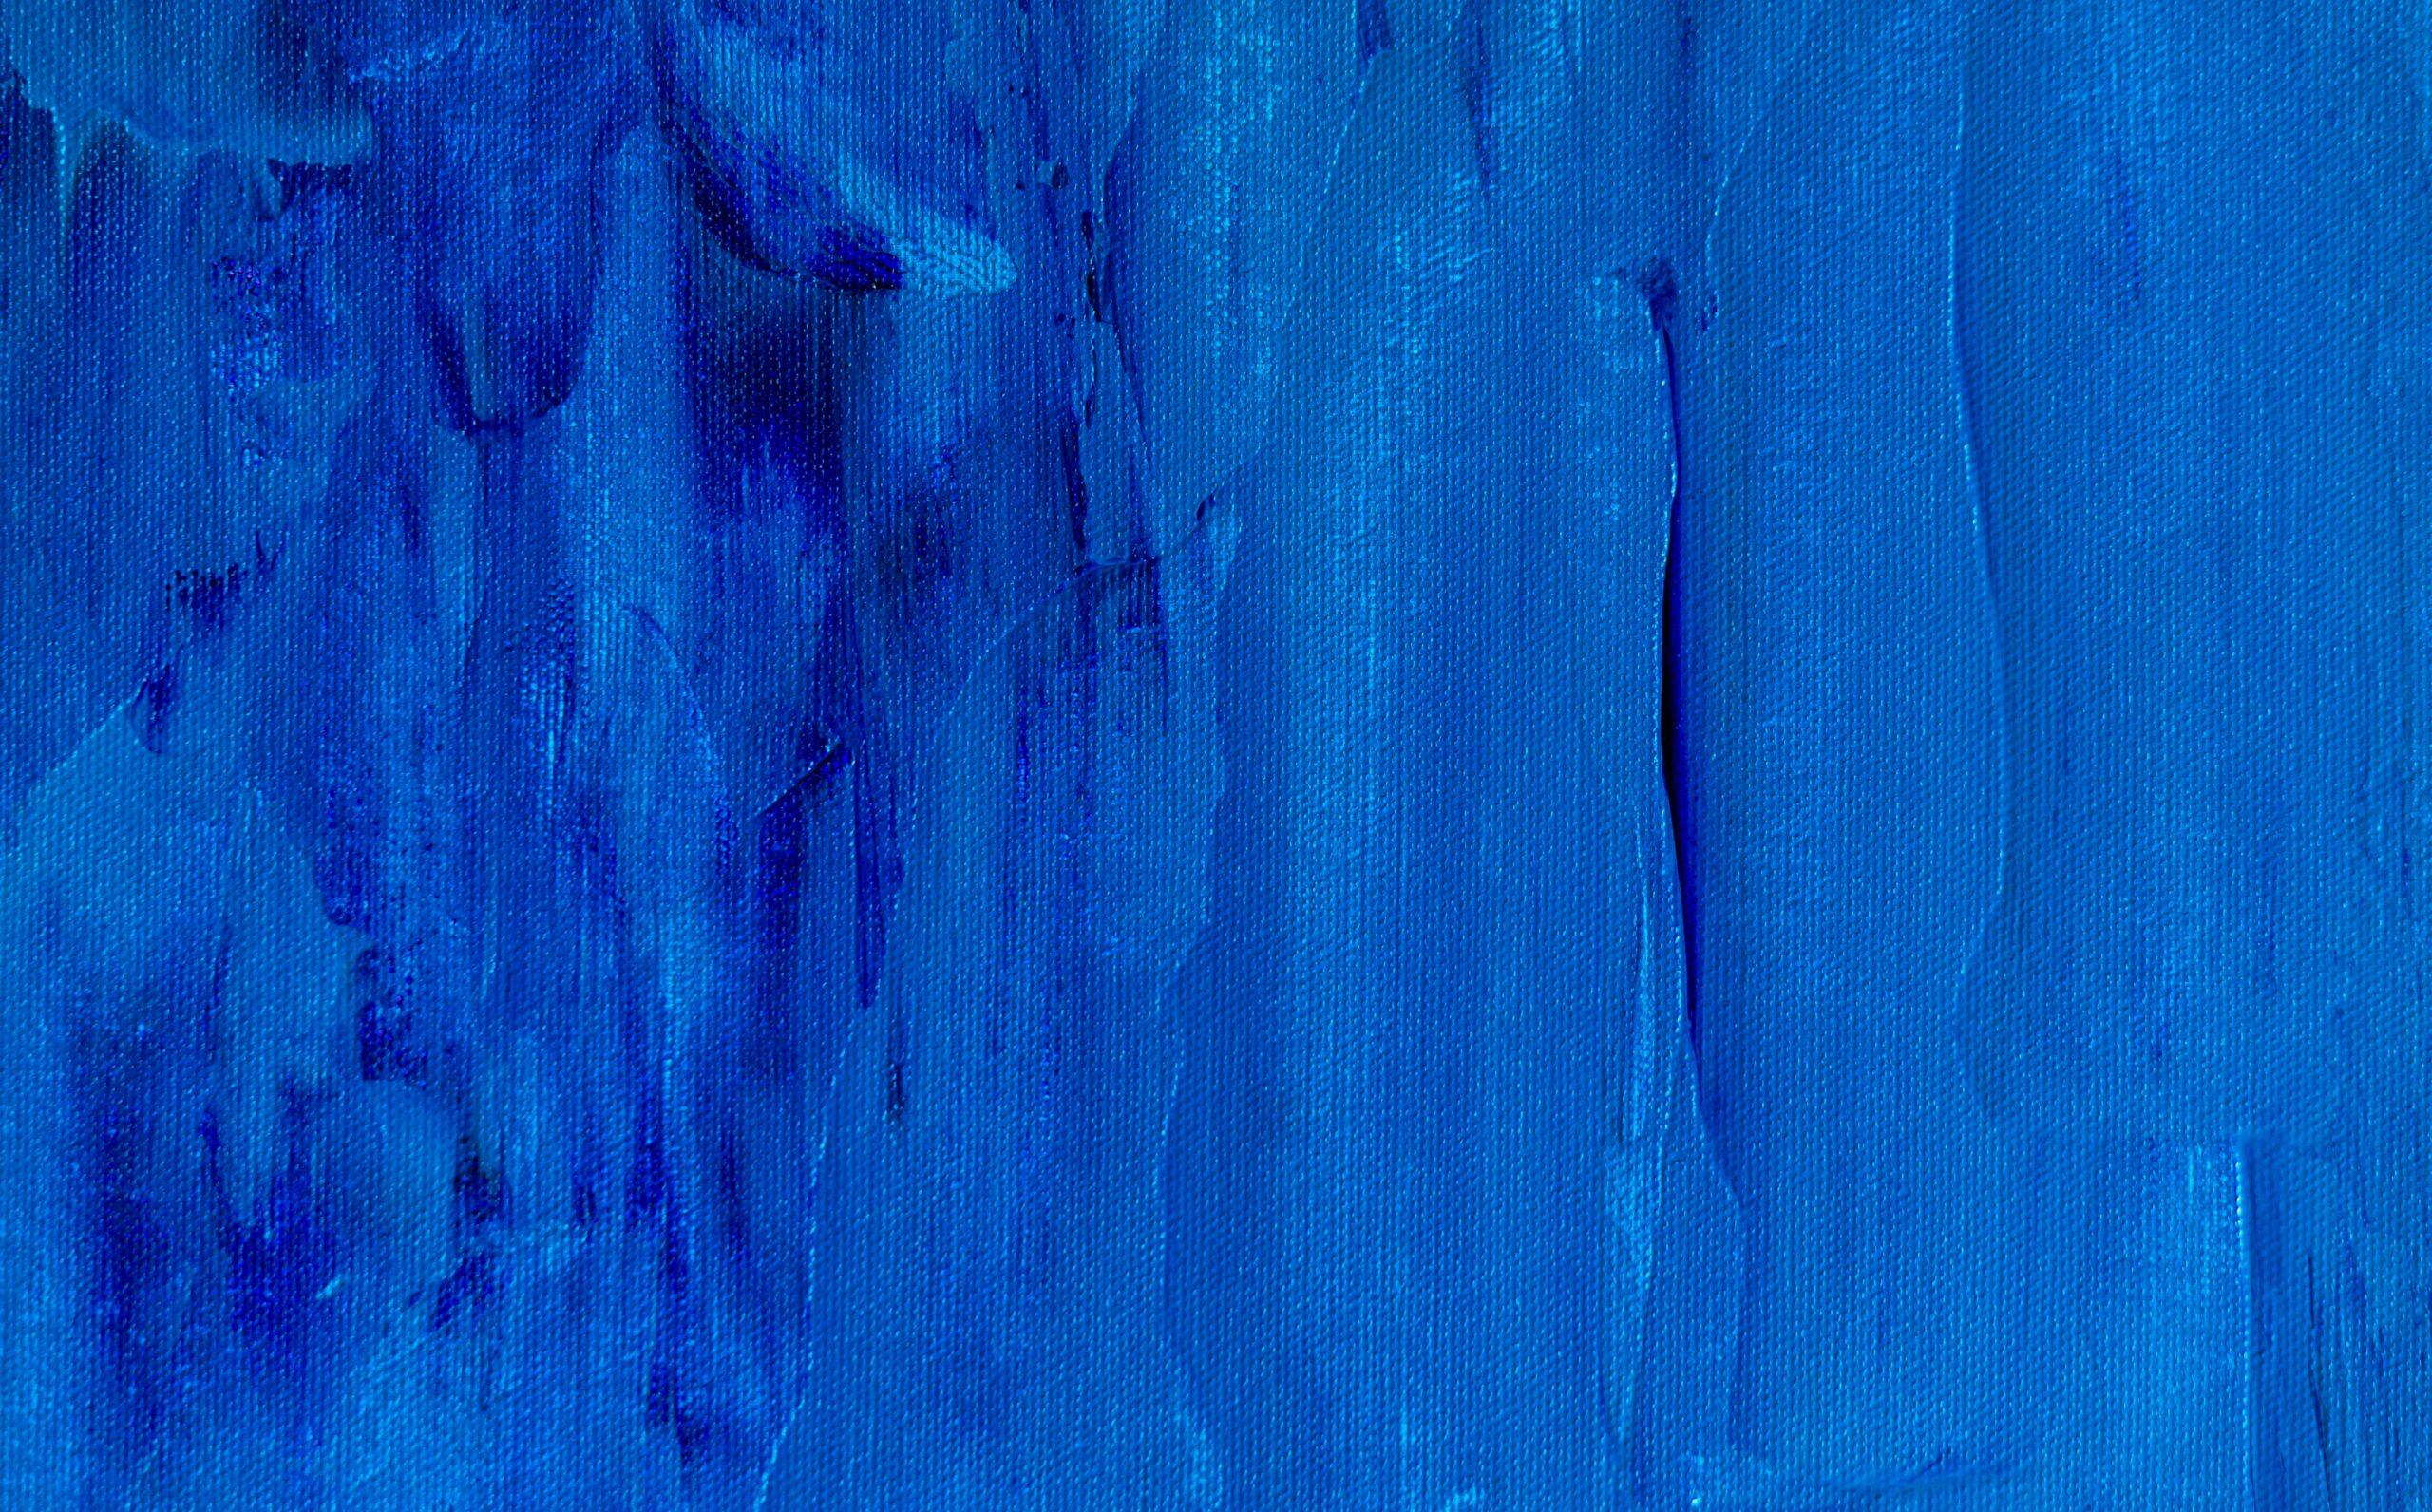 【KOTORI(バンド)/Blue】歌詞の意味を考察!